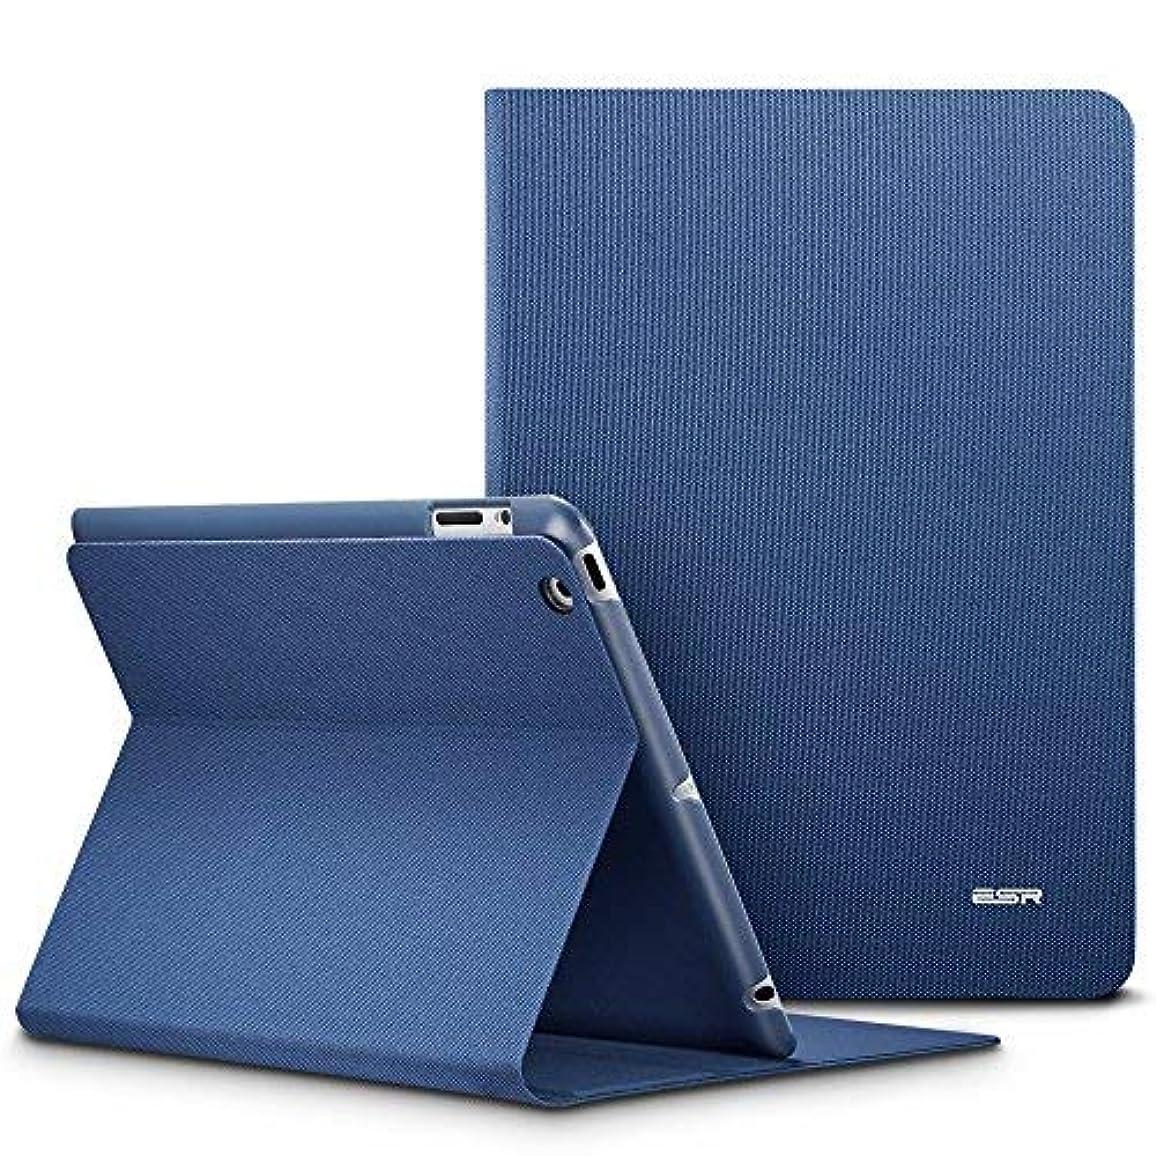 マーベルバッチ炭素ESR iPad2/3/4 ケース レザー 合皮 iPad2/iPad3/iPad4 カバー 軽量 シンプル スエード柔らかな内側 スタンド機能 オートスリープ スリム 傷つけ防止 二つ折 iPad2/3/4 スマートカバー(紺青色)